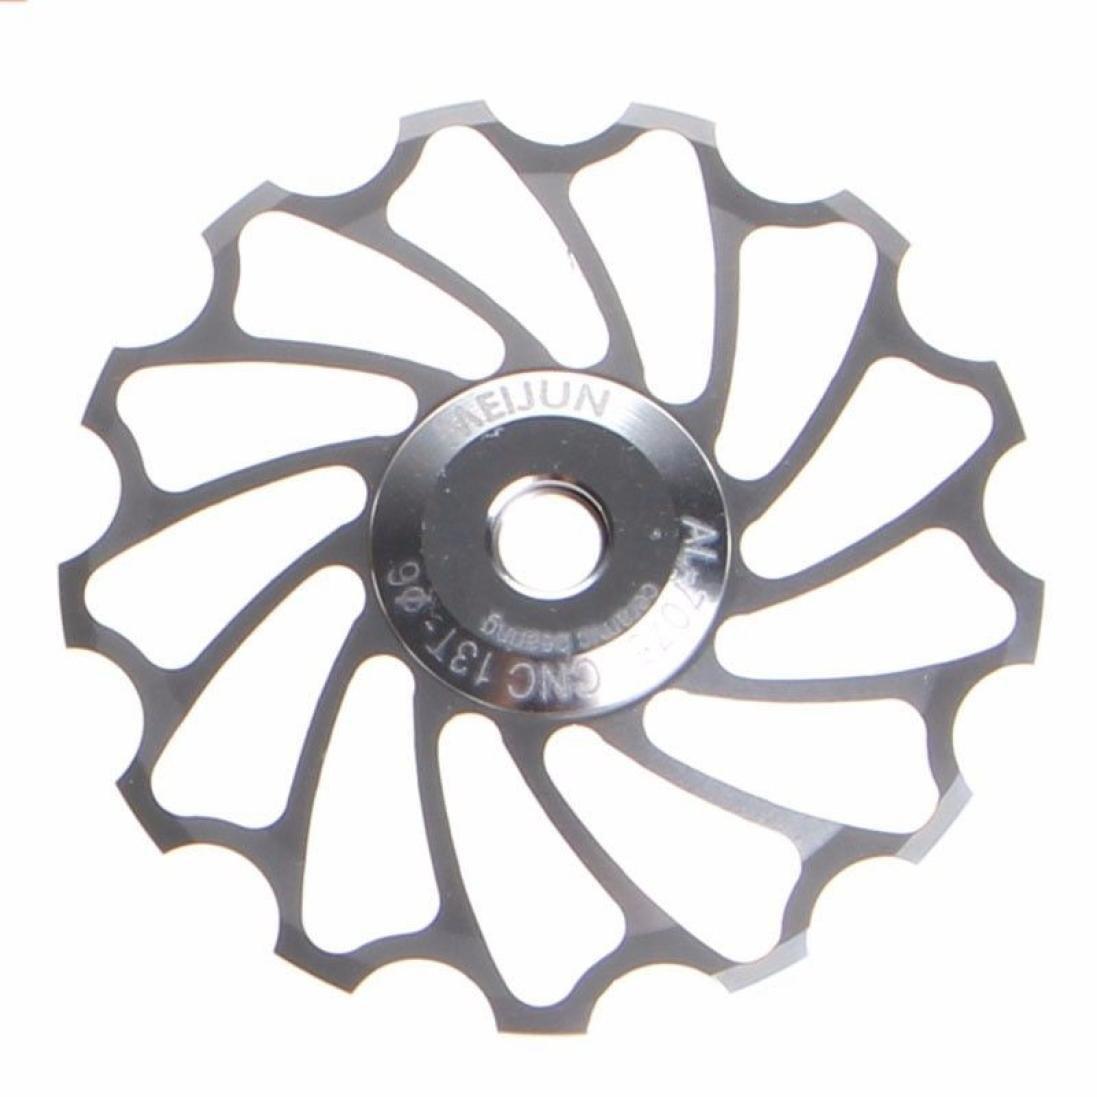 Y56 aleación de aluminio rueda Jockey cambio trasero polea guía rodillo de cojinete de cerámica correa de distribución 13T para bicicleta de montaña ...